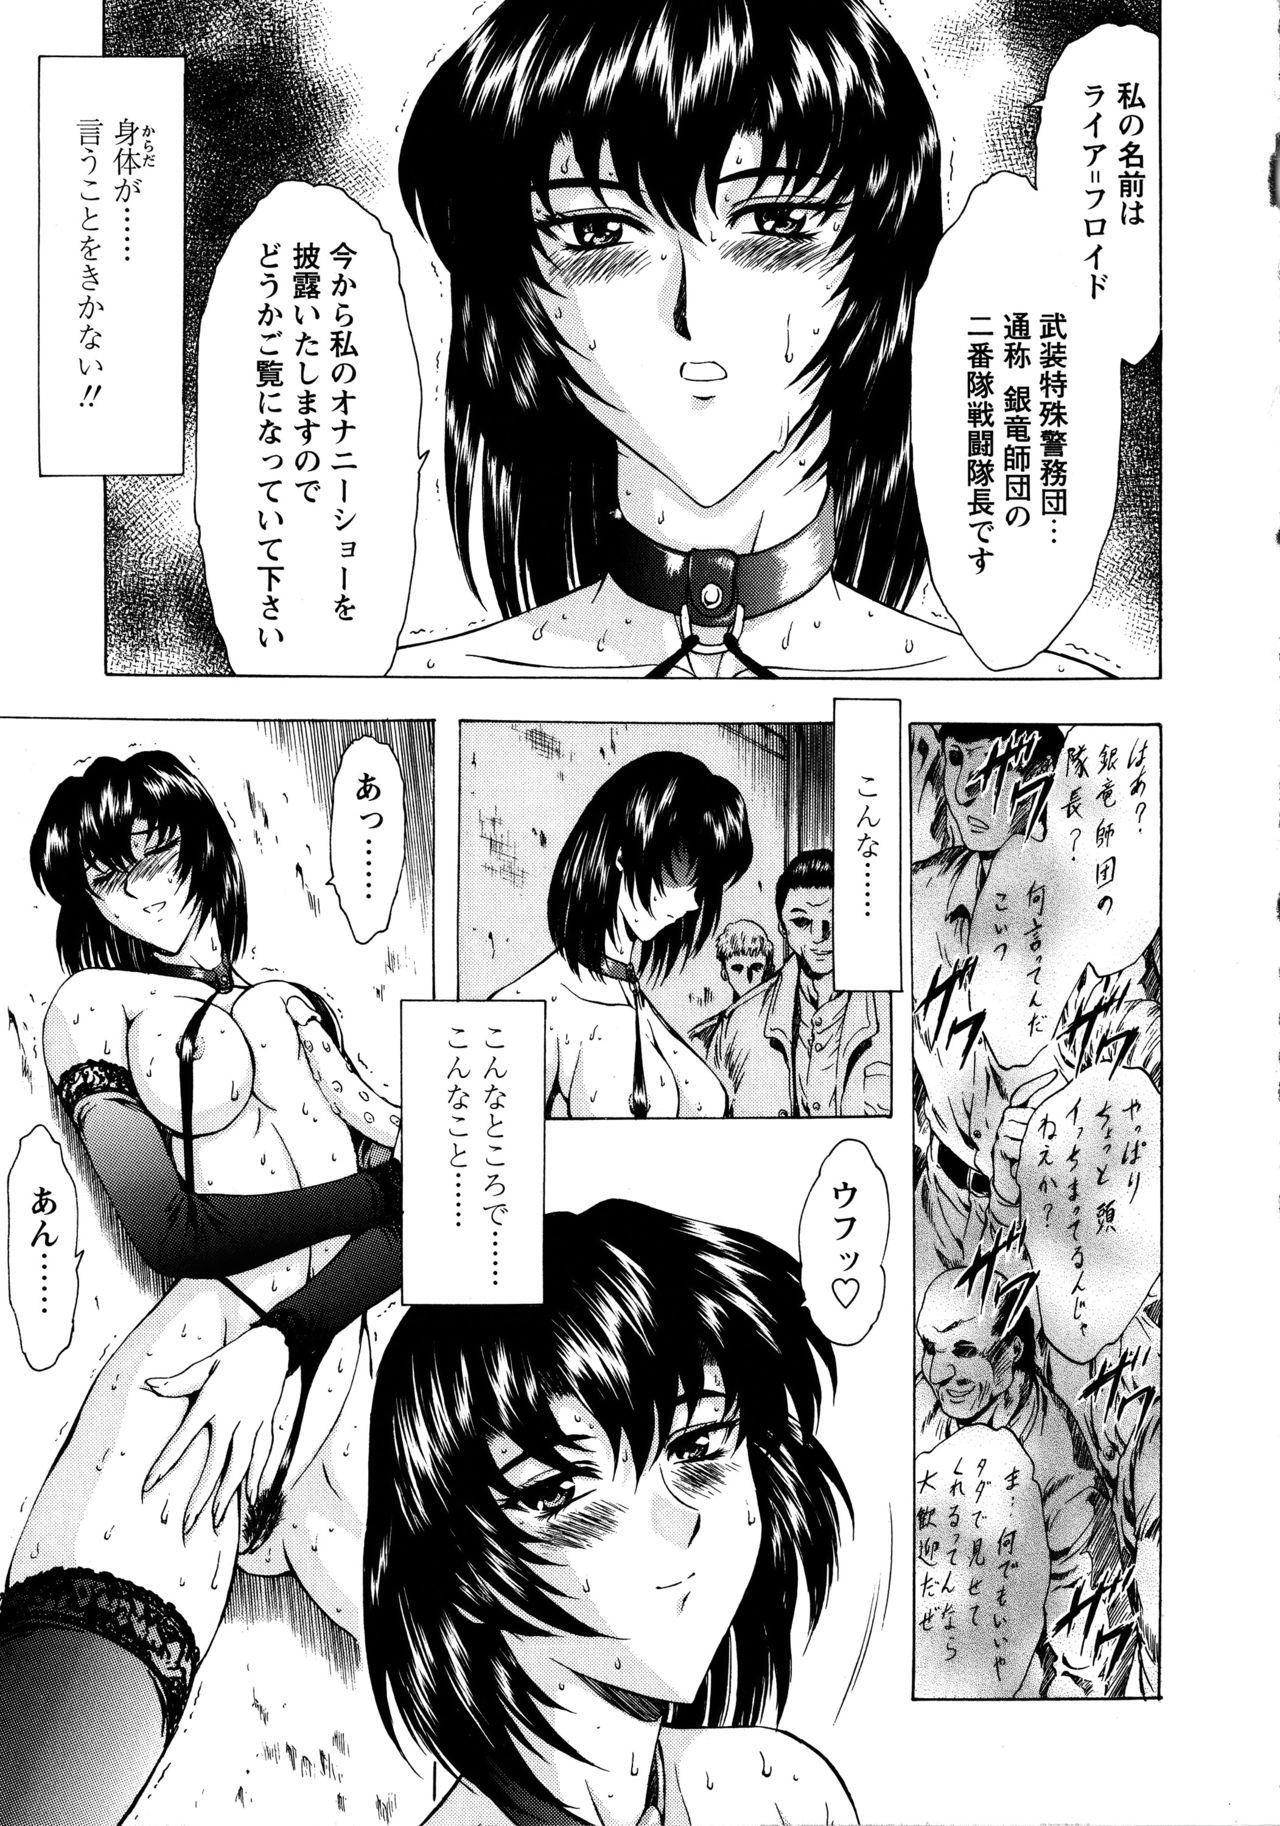 Ginryuu no Reimei Vol. 1 66